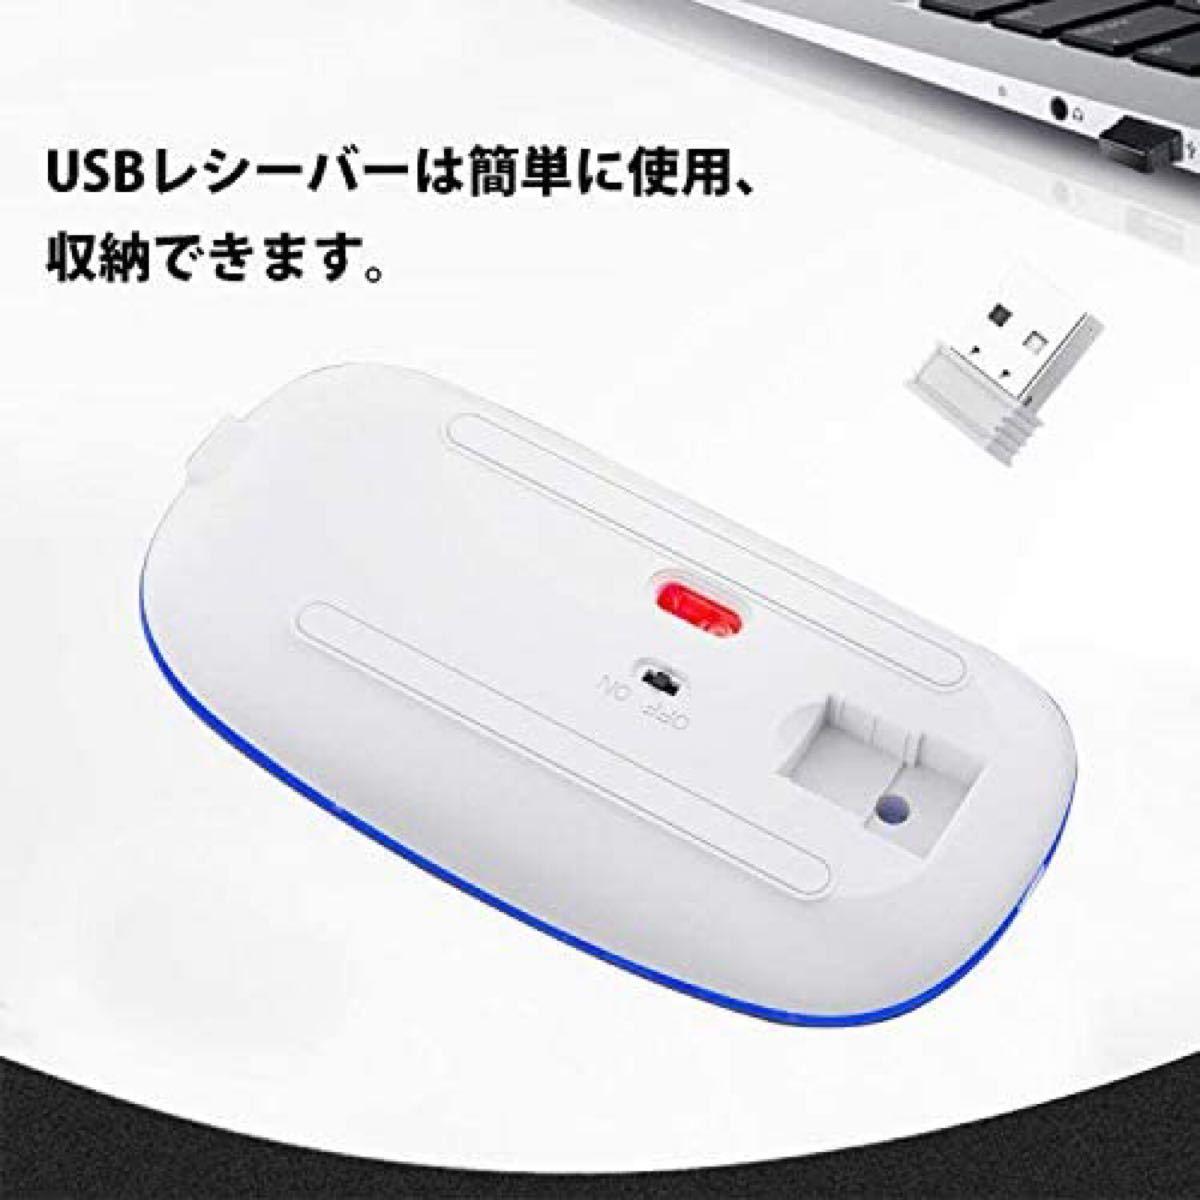 ワイヤレスマウス 無線 静音 軽量 USB 充電式 超薄型 パソコンWindows/Mac/surface/Microsoft対応